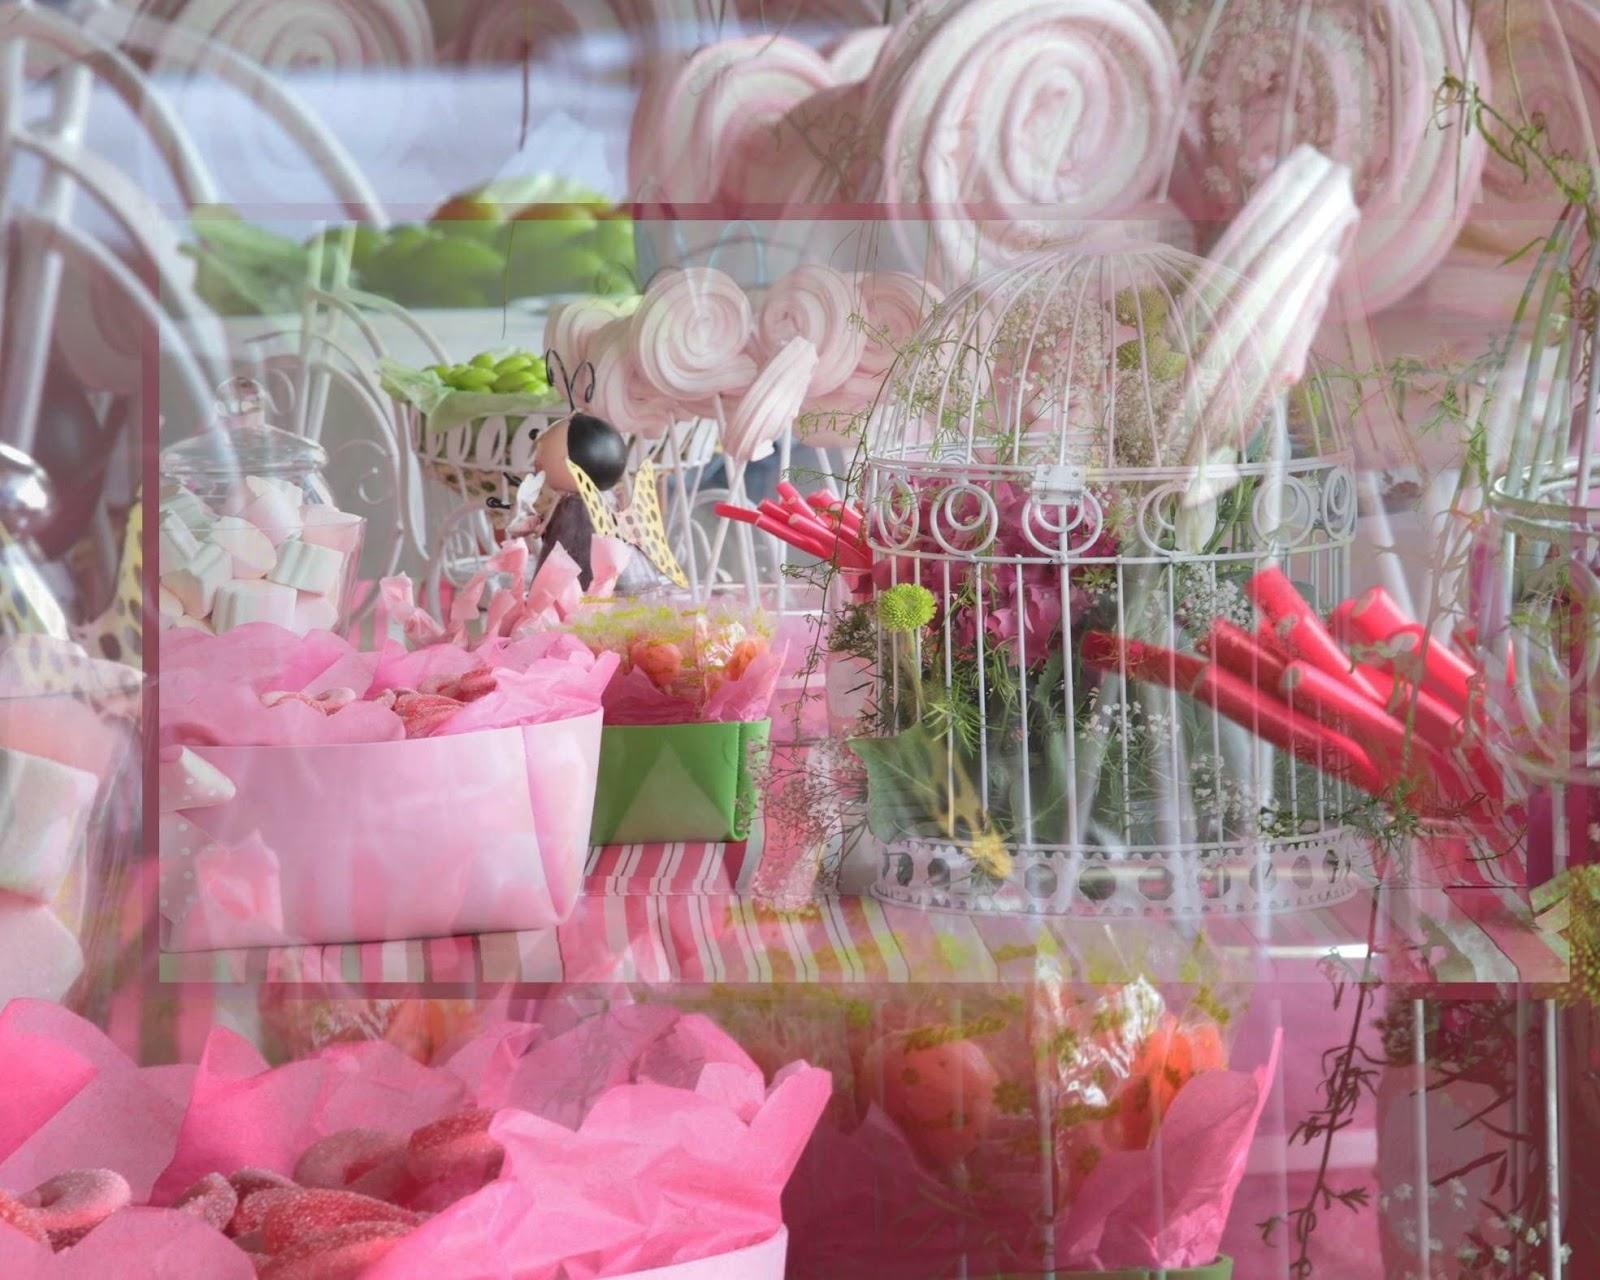 Mesa dulces para fiestas clasf hawaii dermatology pictures - Adornos con chuches ...